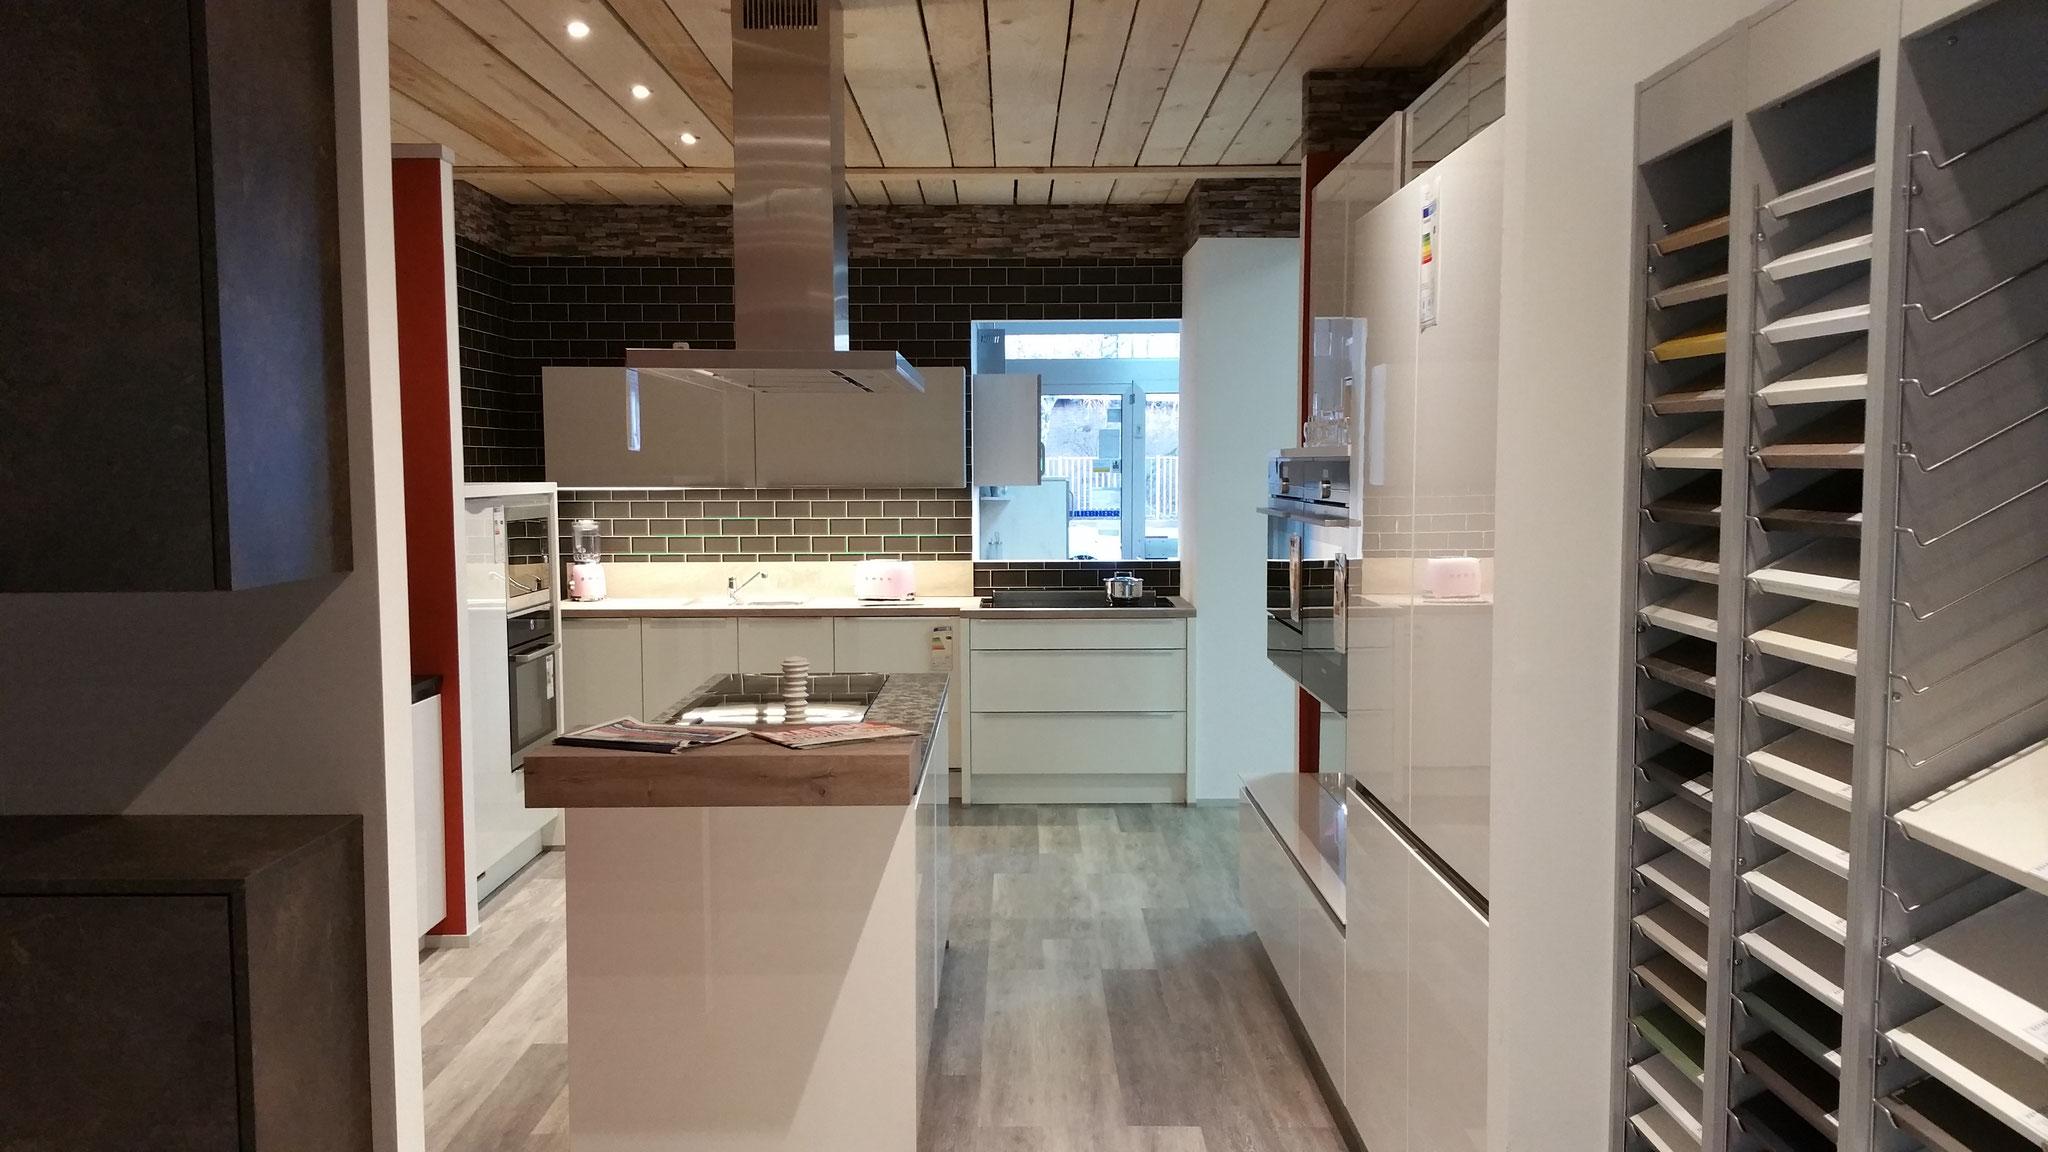 Produktauswahl - GRODI - Ihr Hausgeräte- und Küchenspezialist in ...